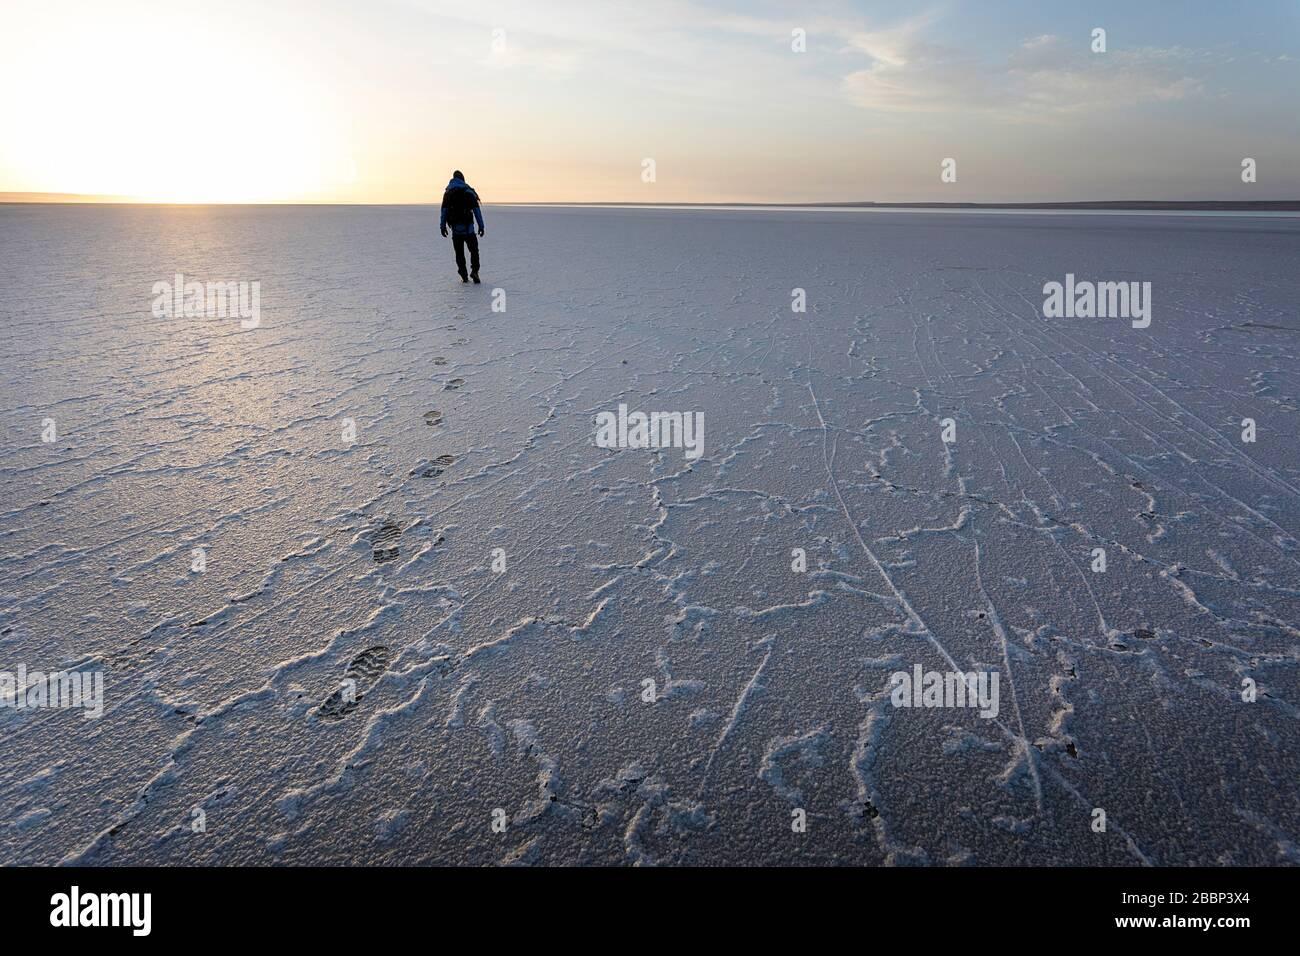 Man walking on salty ground, leaveng foot prints in the dramatic landscape at Tuzbair salt lake, Aktau, Mangystau, Kazakhstan, Stock Photo